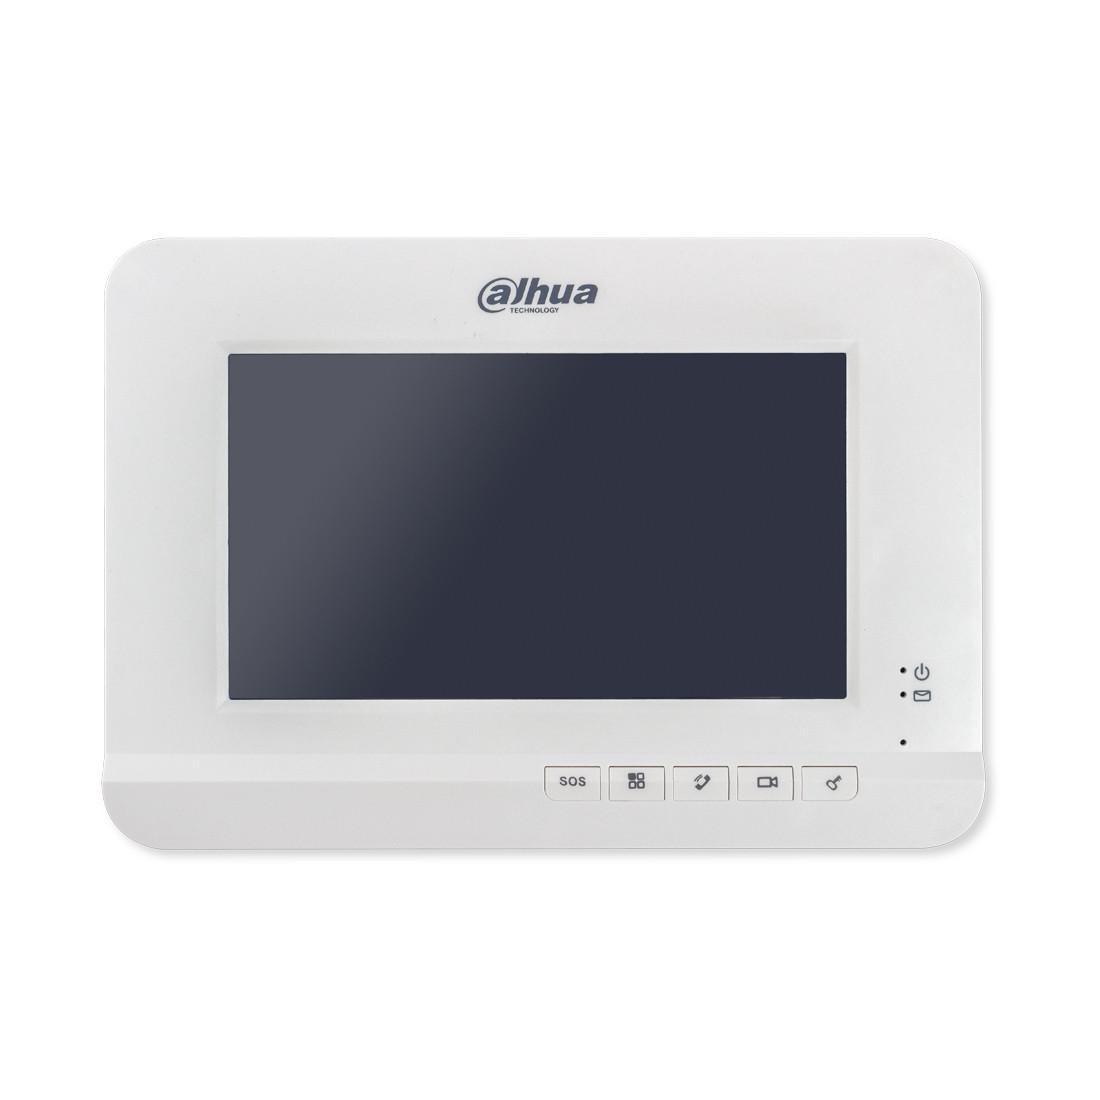 """Dahua DHI-VTH2221A Вызывная панель Наружняя, 7 """"TFT резистивный сенсорный экран, H.264, 1 порт RJ45 10/100Mbps"""